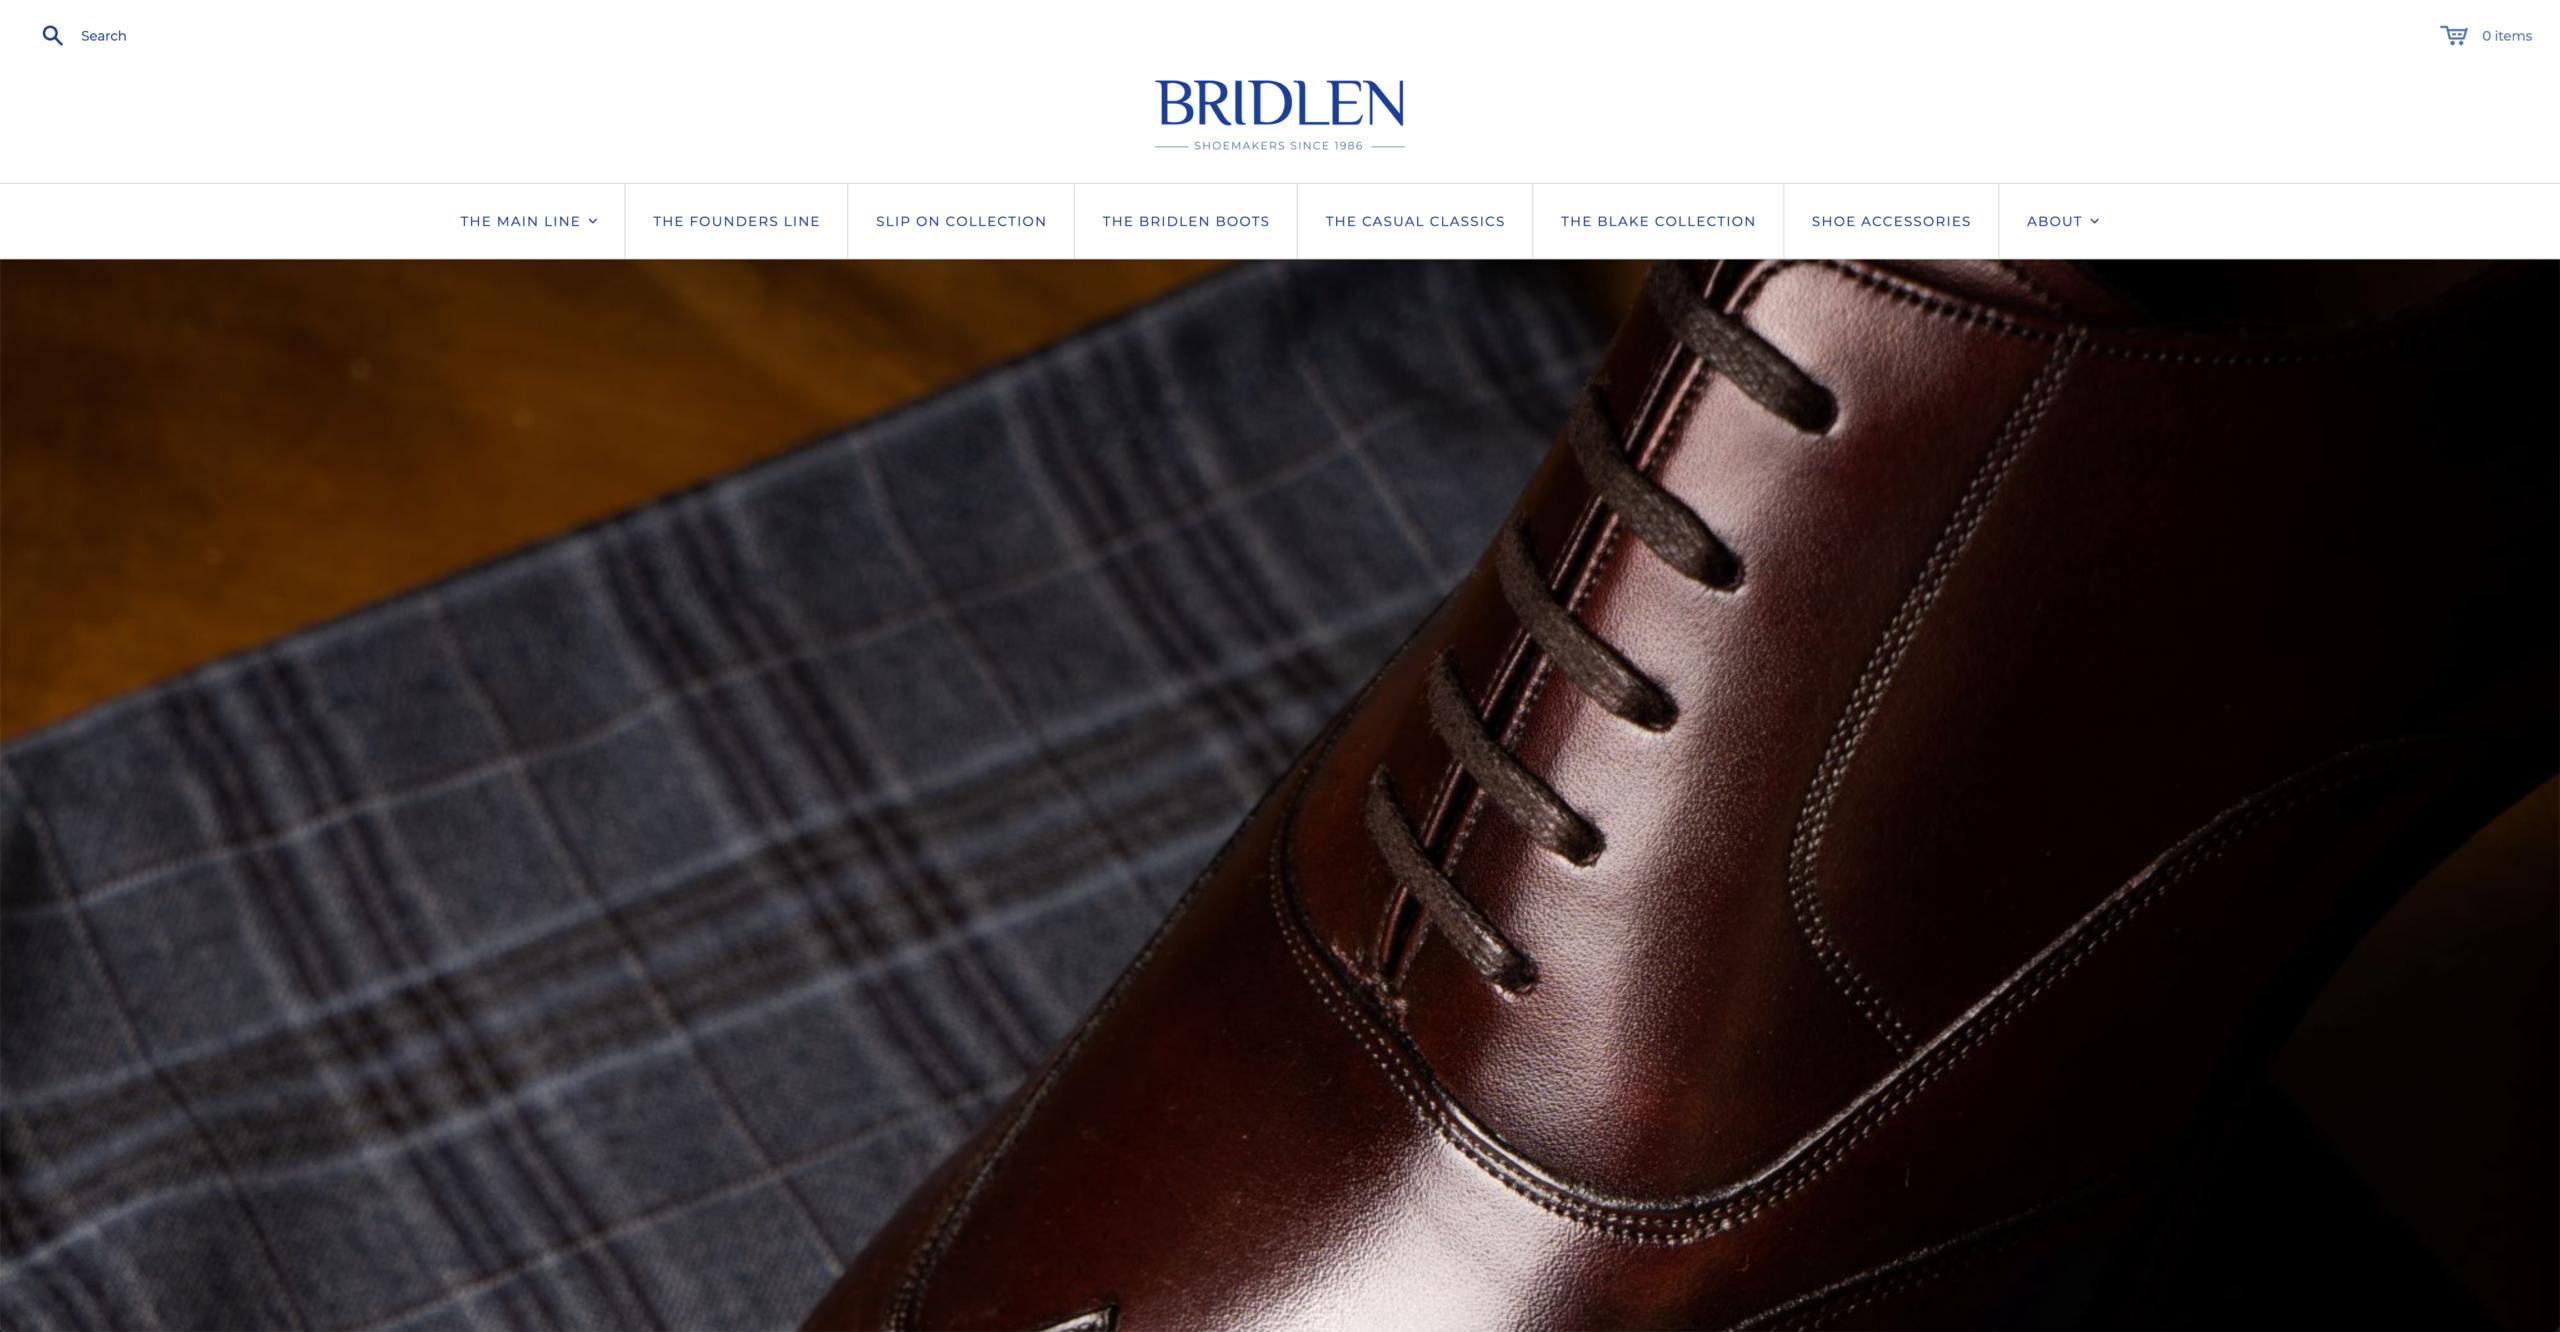 Le site internet de la marque. (Source: Bridlen)